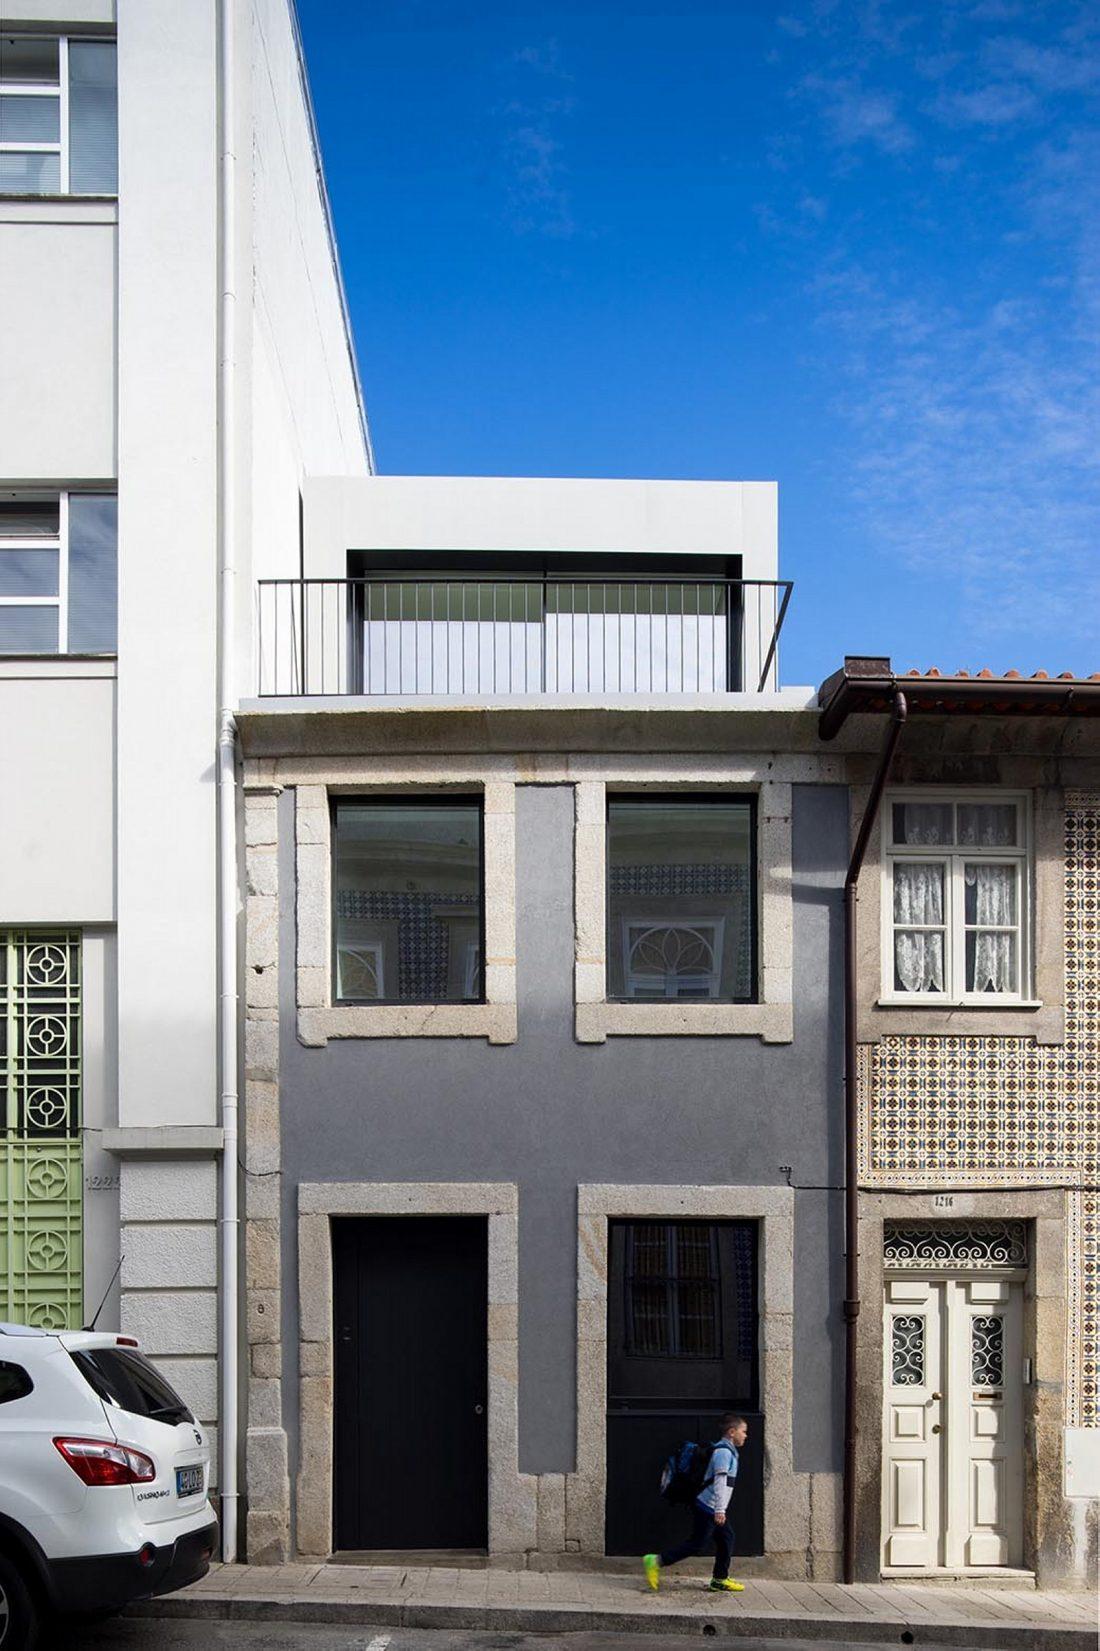 Реконструкция старинного дома Bonjardim House в Португалии по проекту ATKA arquitectos 6